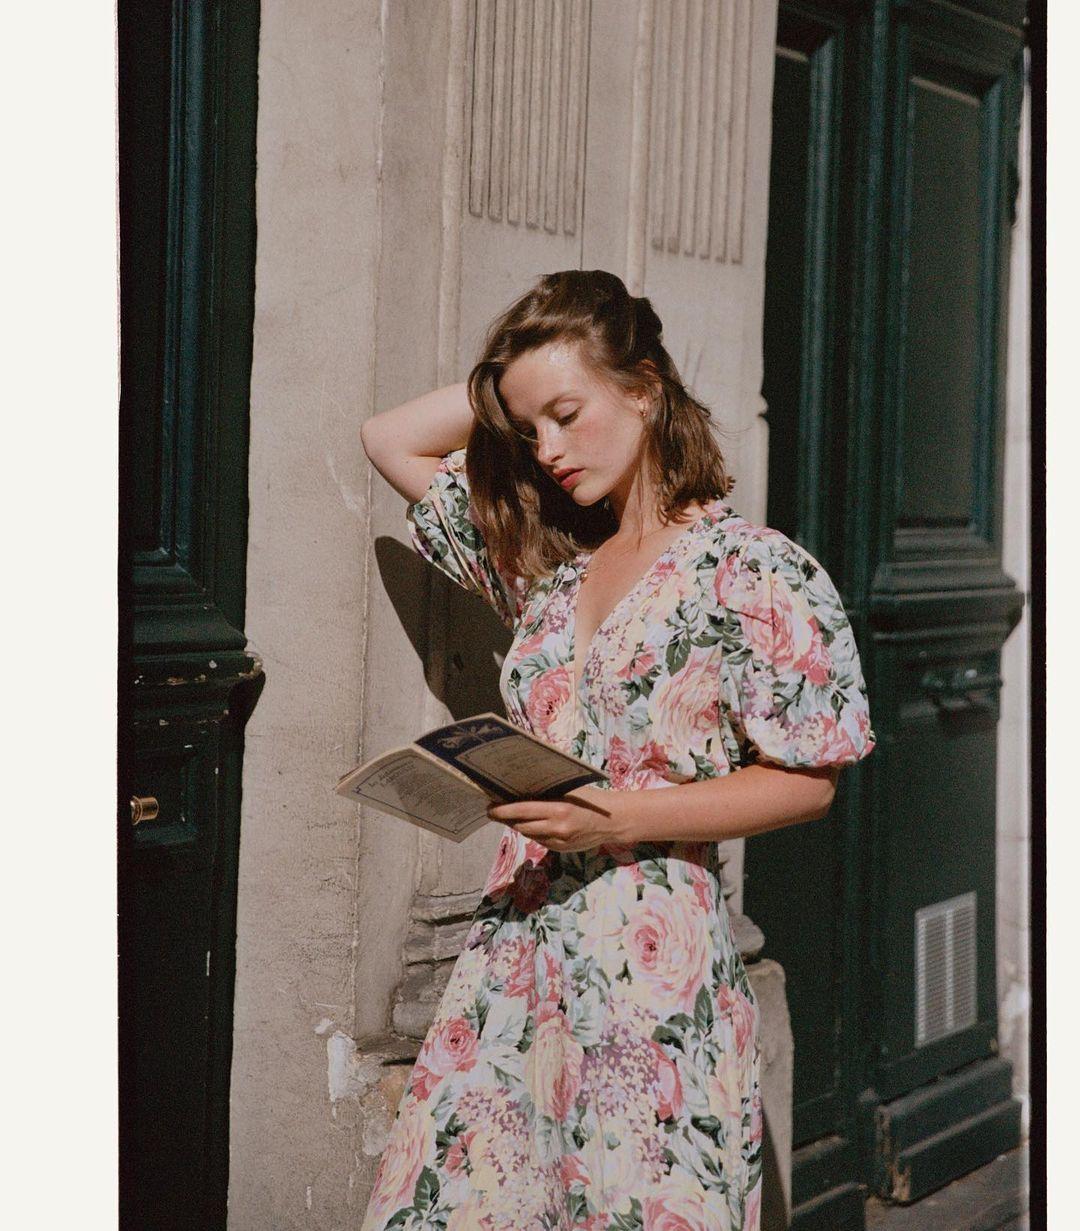 5 mẫu váy gái Pháp đang diện Xuân - Hè nhiều nhất: Kiểu nào mặc lên cũng 'auto' trẻ, xinh 0019